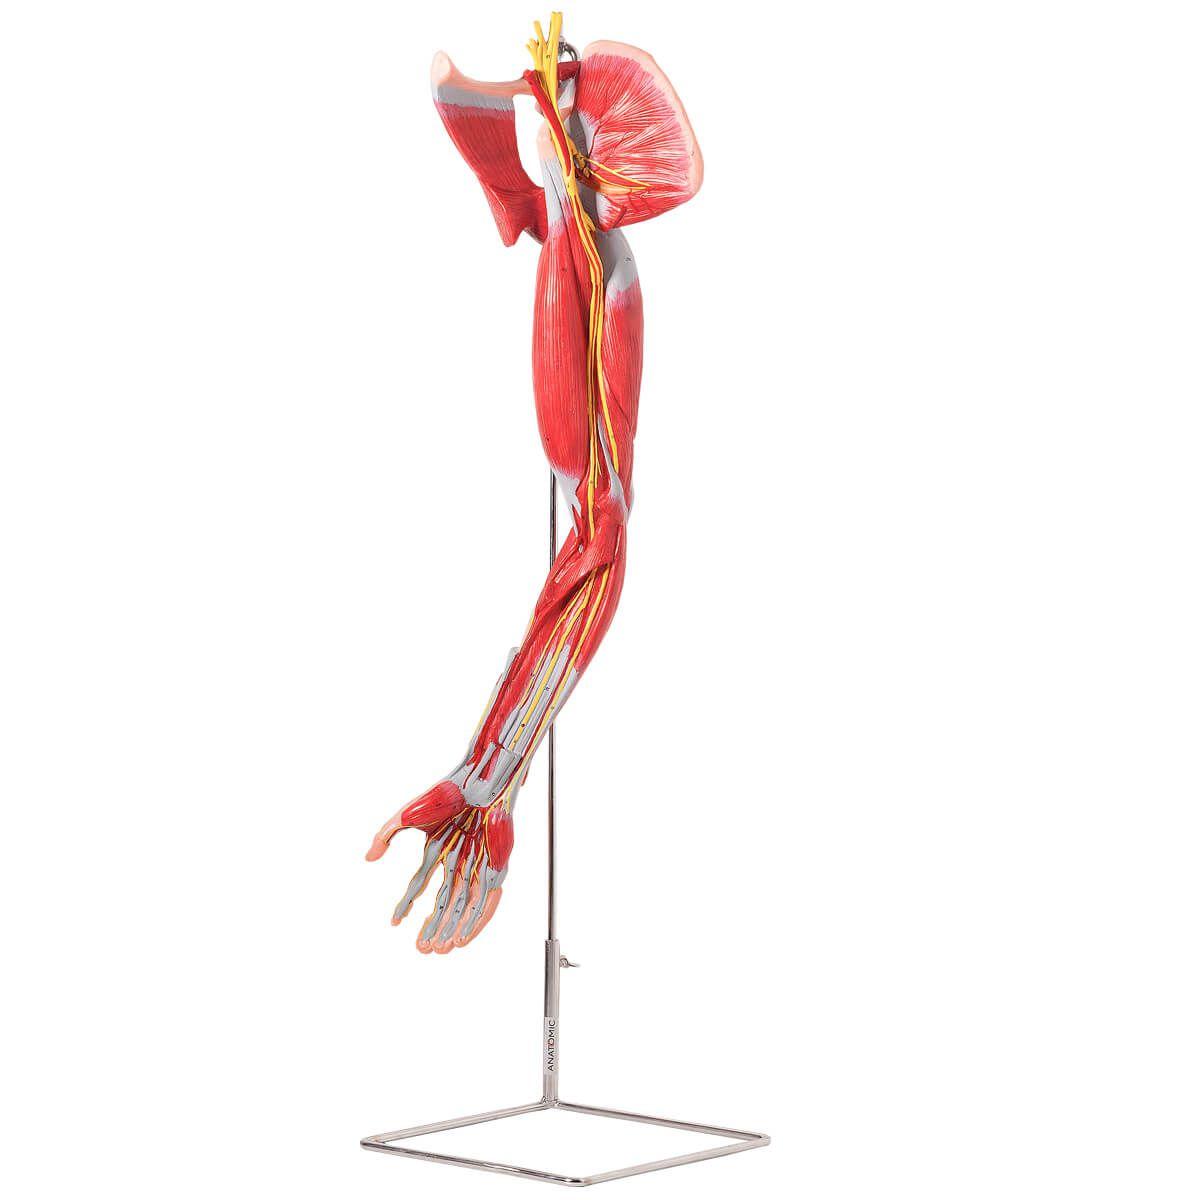 Músculos do Membro Superior com Principais Vasos E Nervos, em 6 Partes